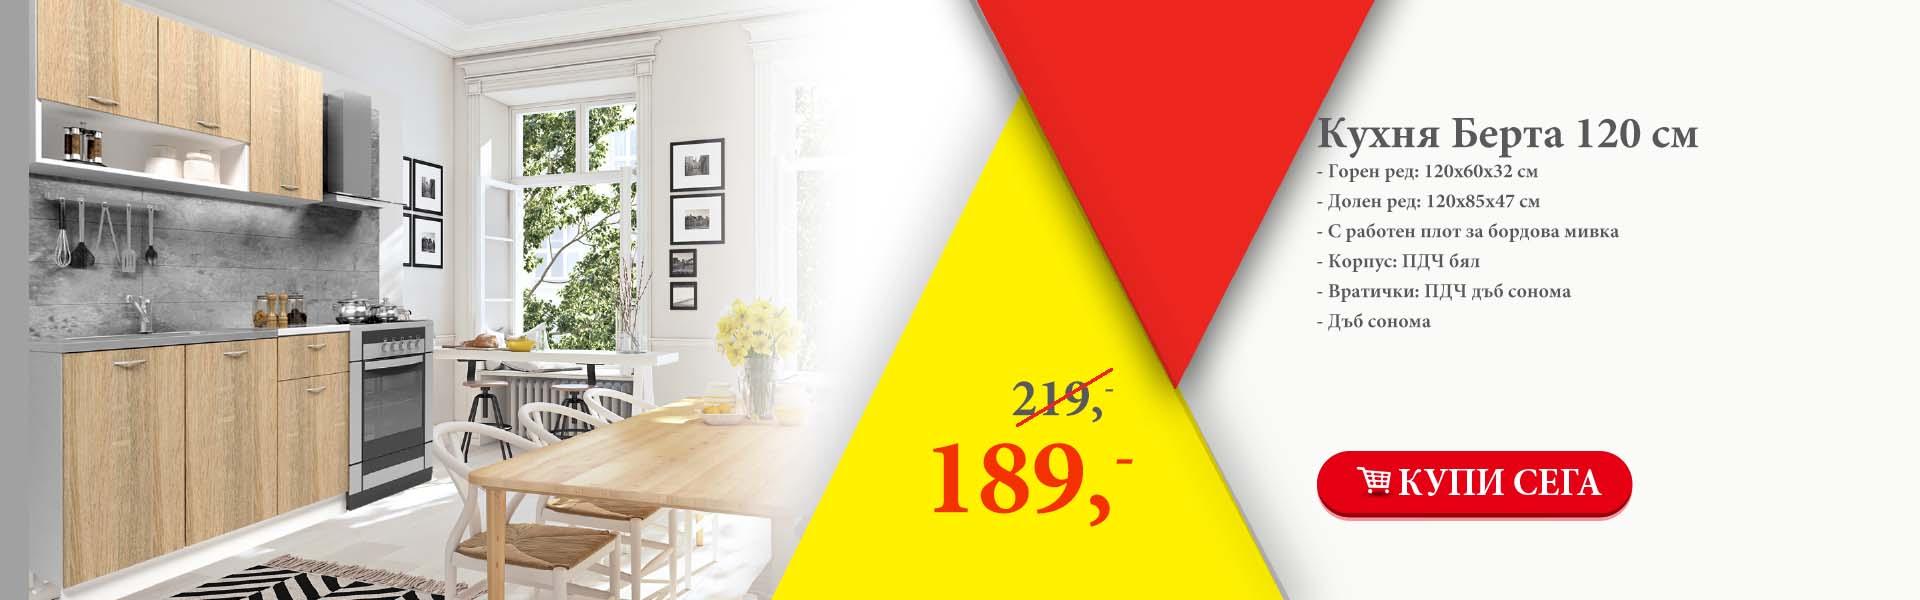 Кухня Берта 120 см